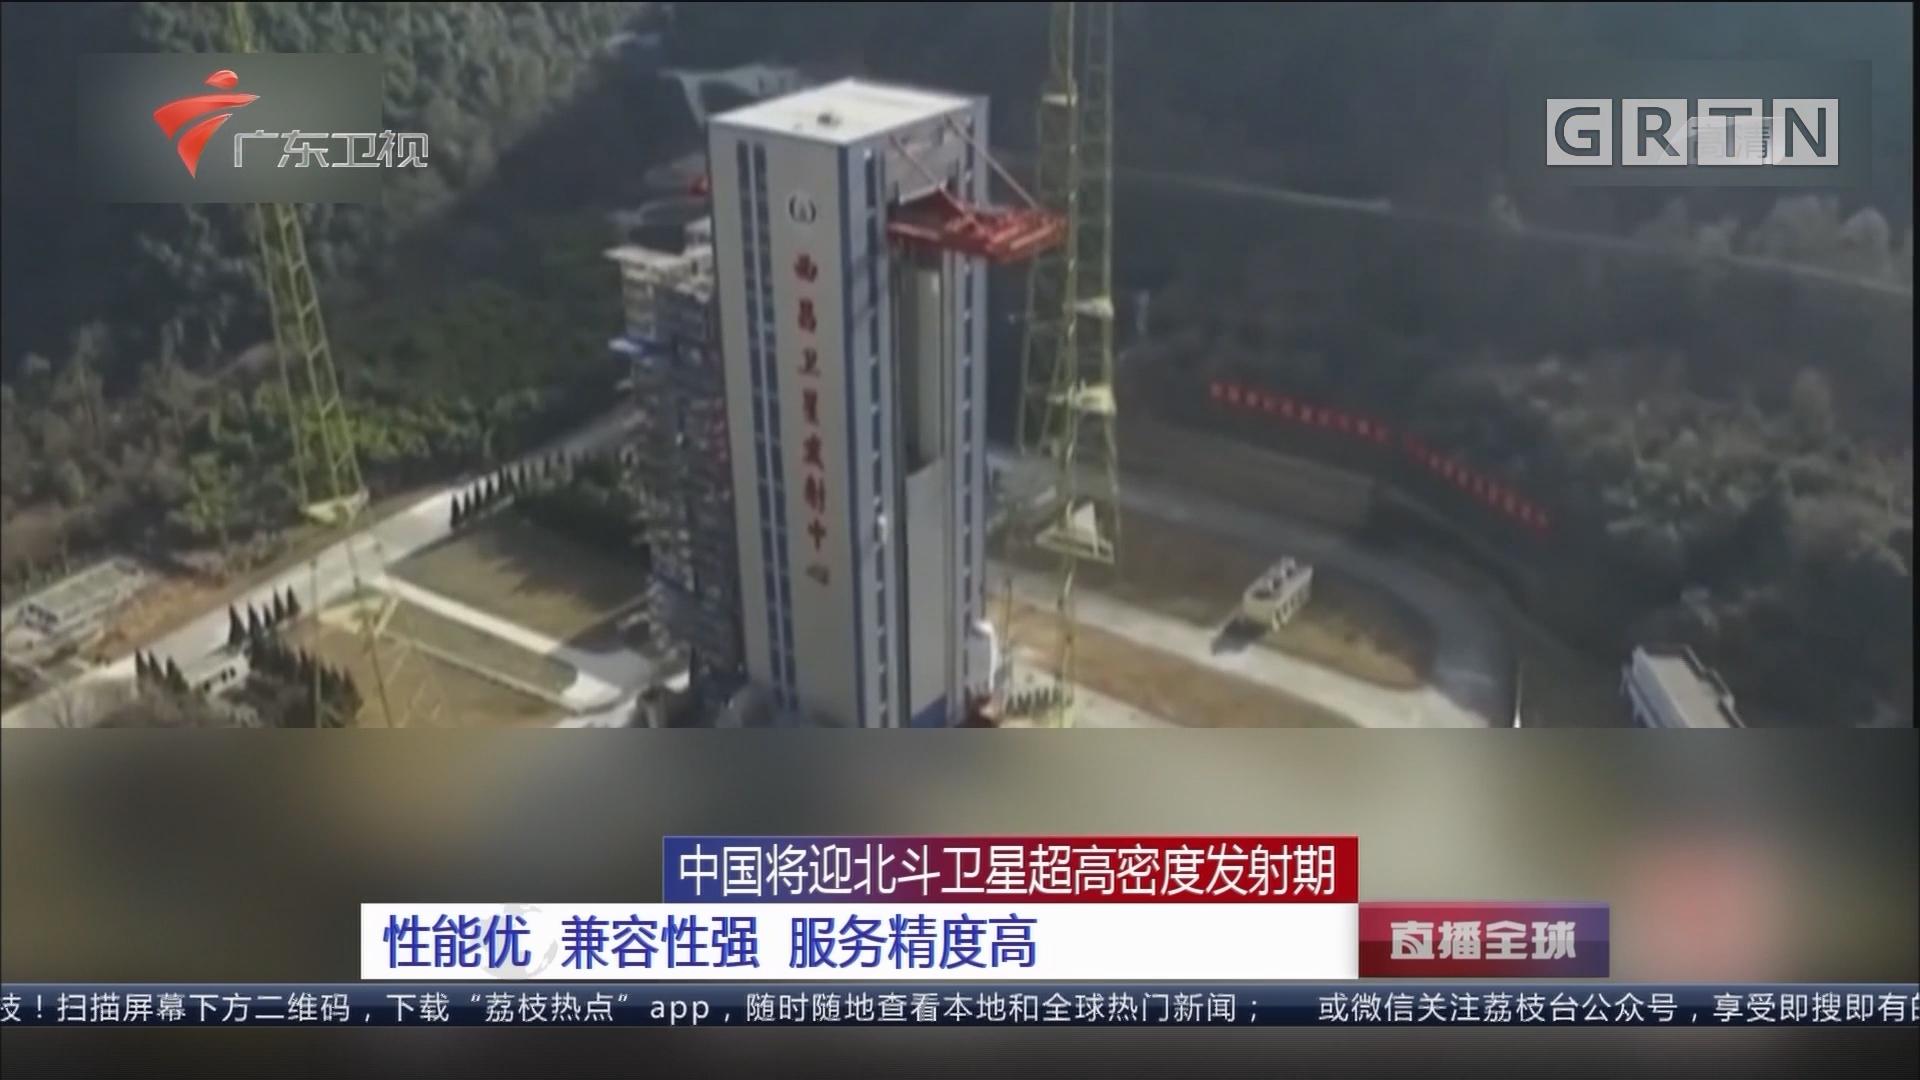 中国将迎北斗卫星超高密度发射期:北斗三号着眼全球组网